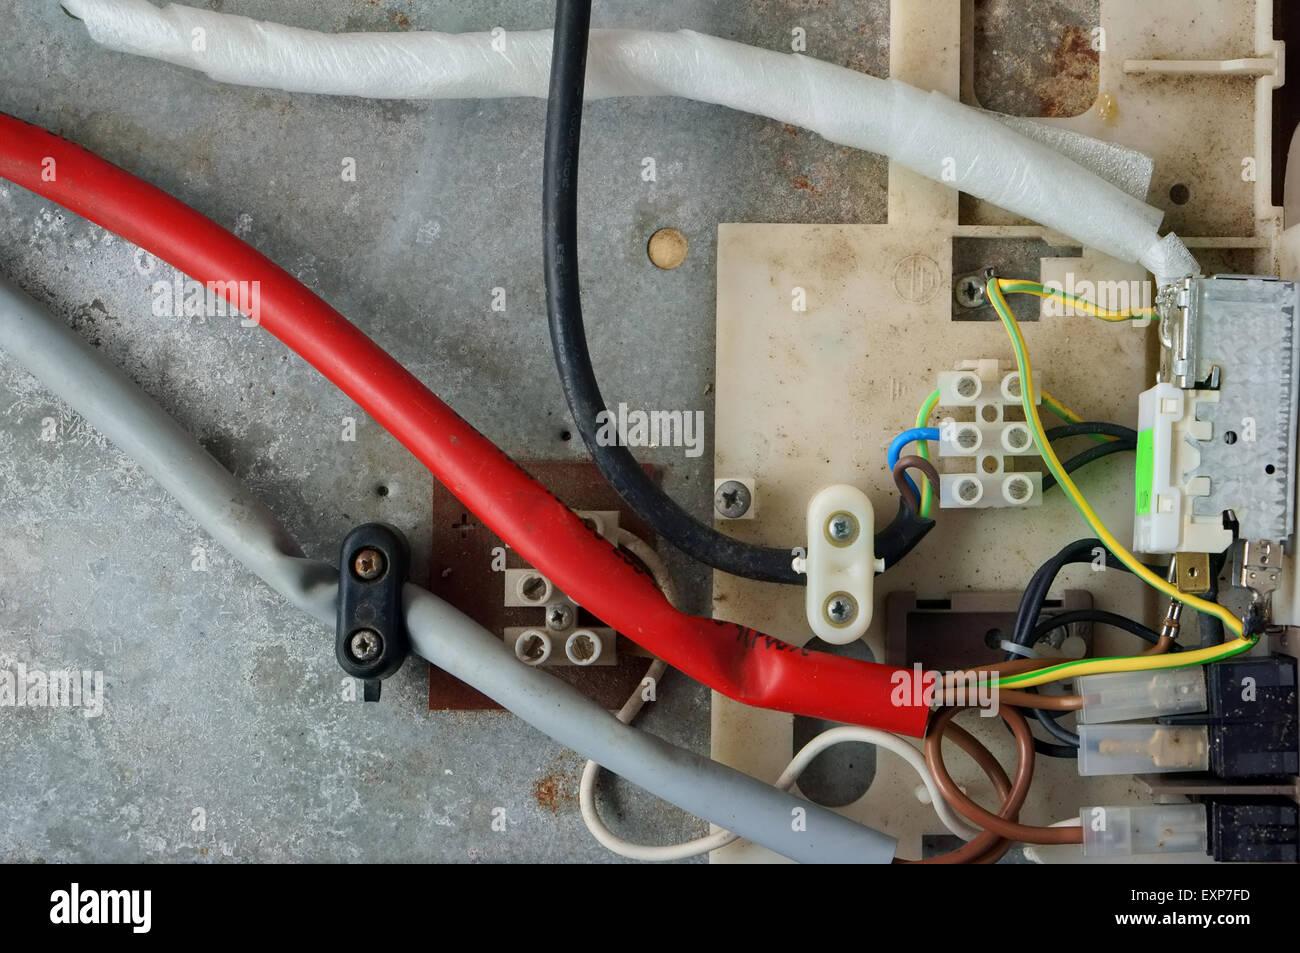 Auto Kühlschrank Kabel : Kühlschranklüfter anschließen wohnmobil forum seite